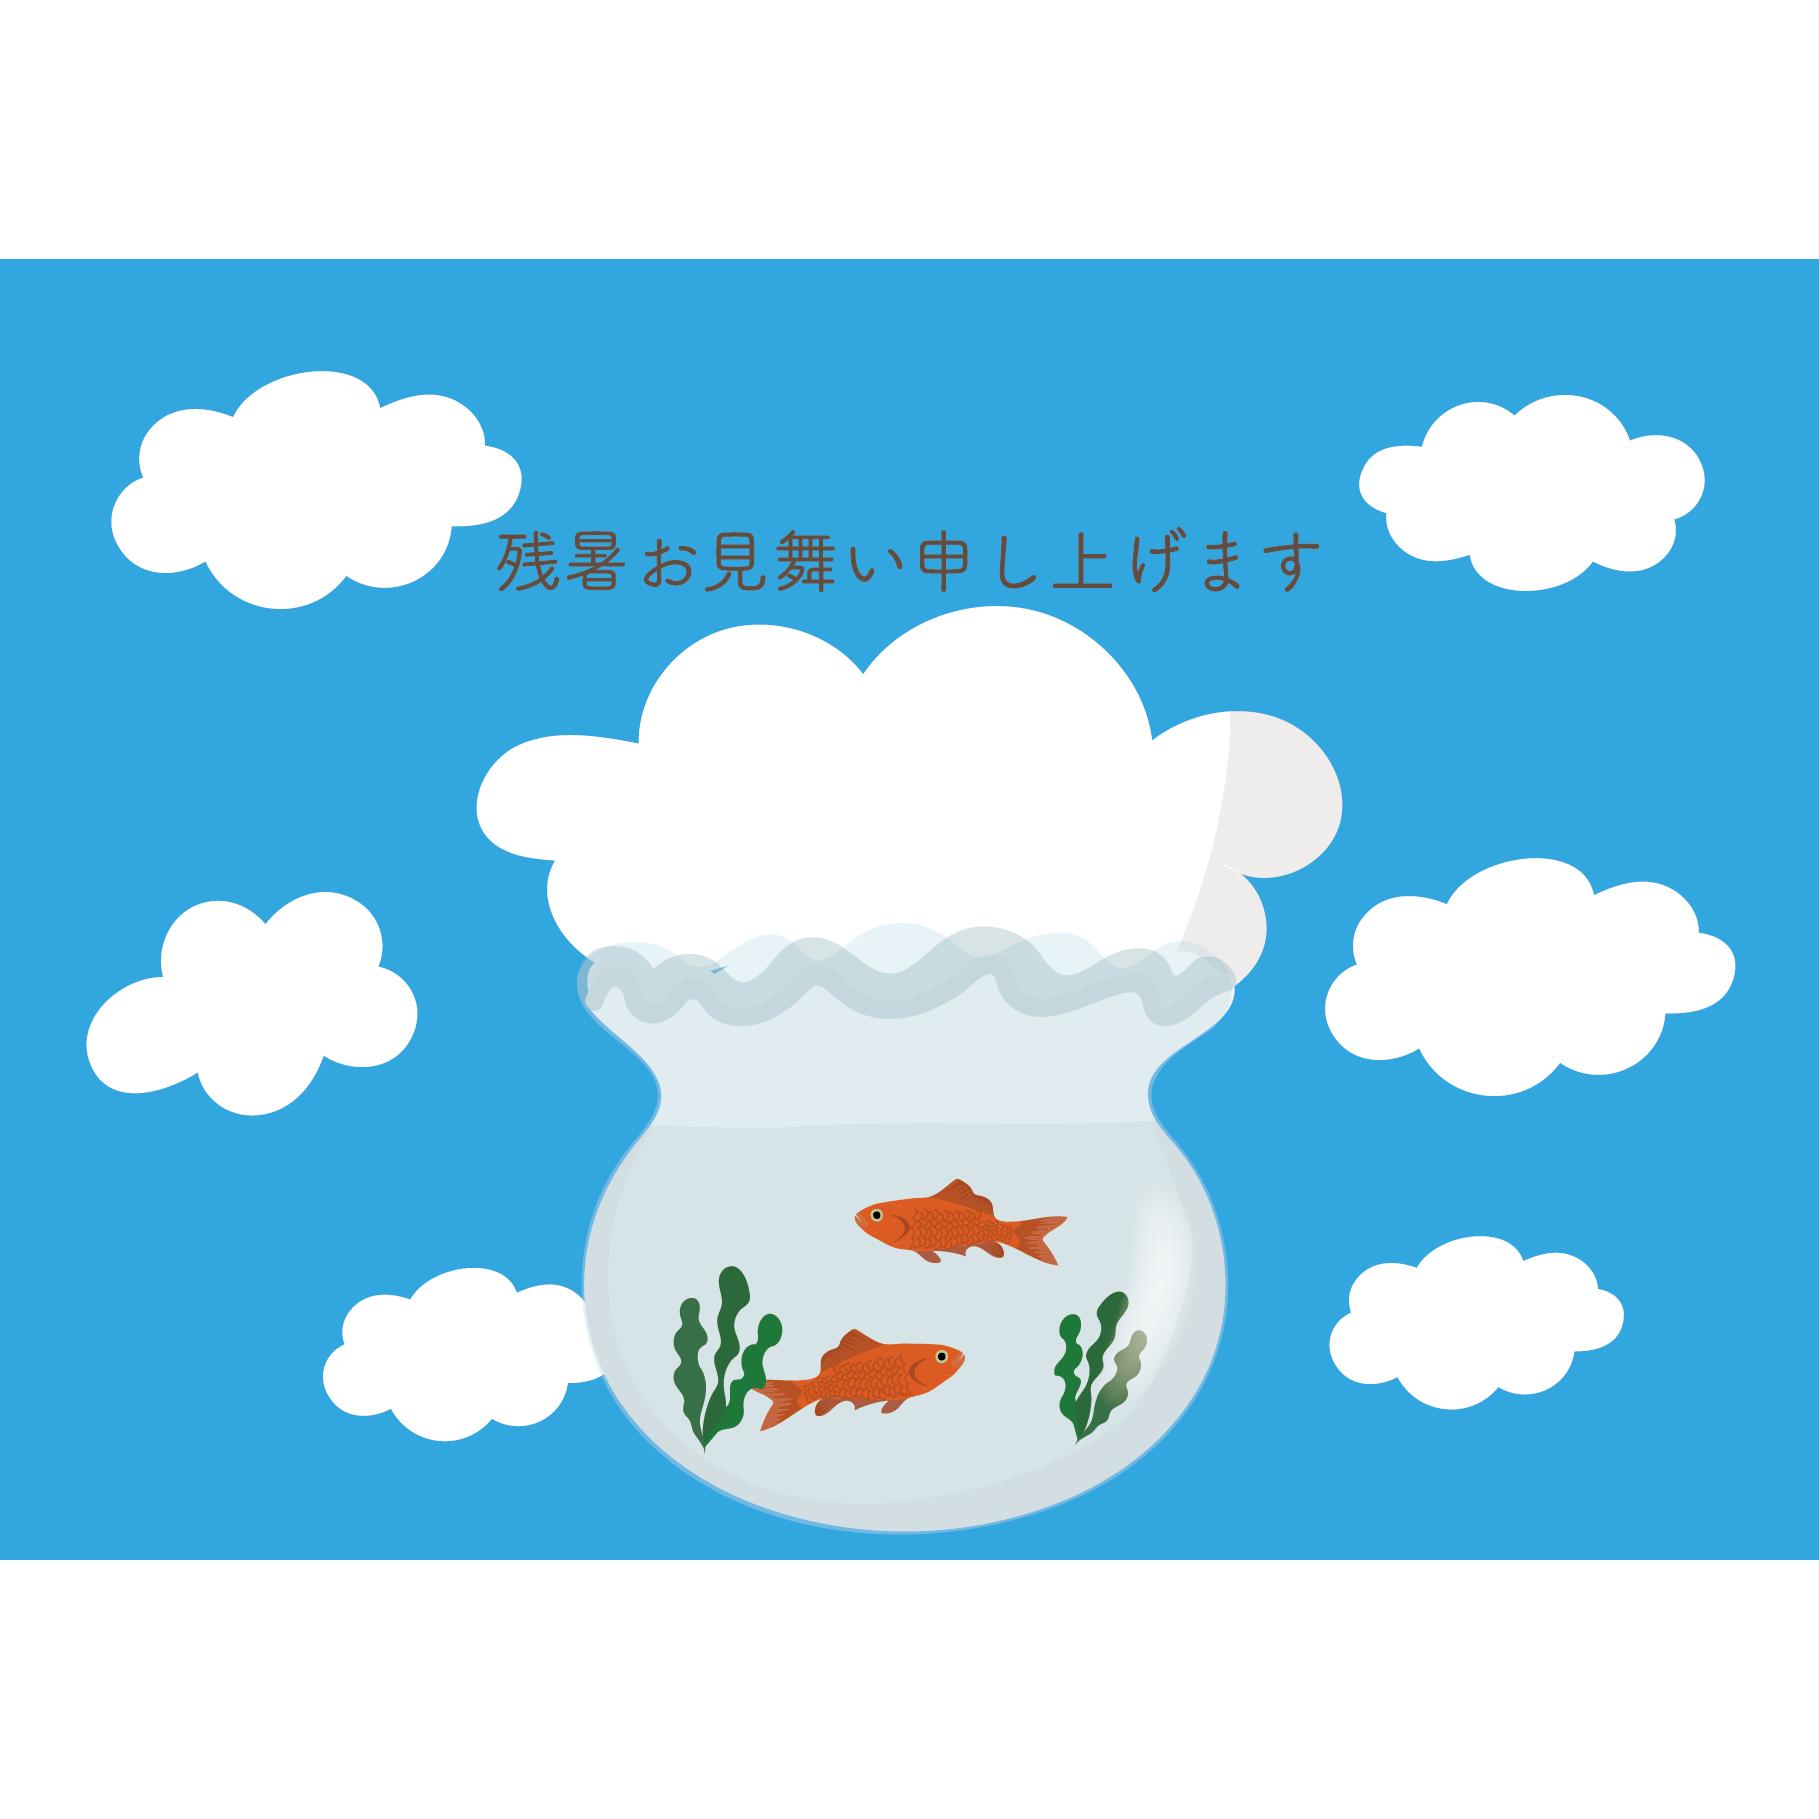 【残暑見舞い・横】かわいい金魚のグリーティング  無料 イラスト